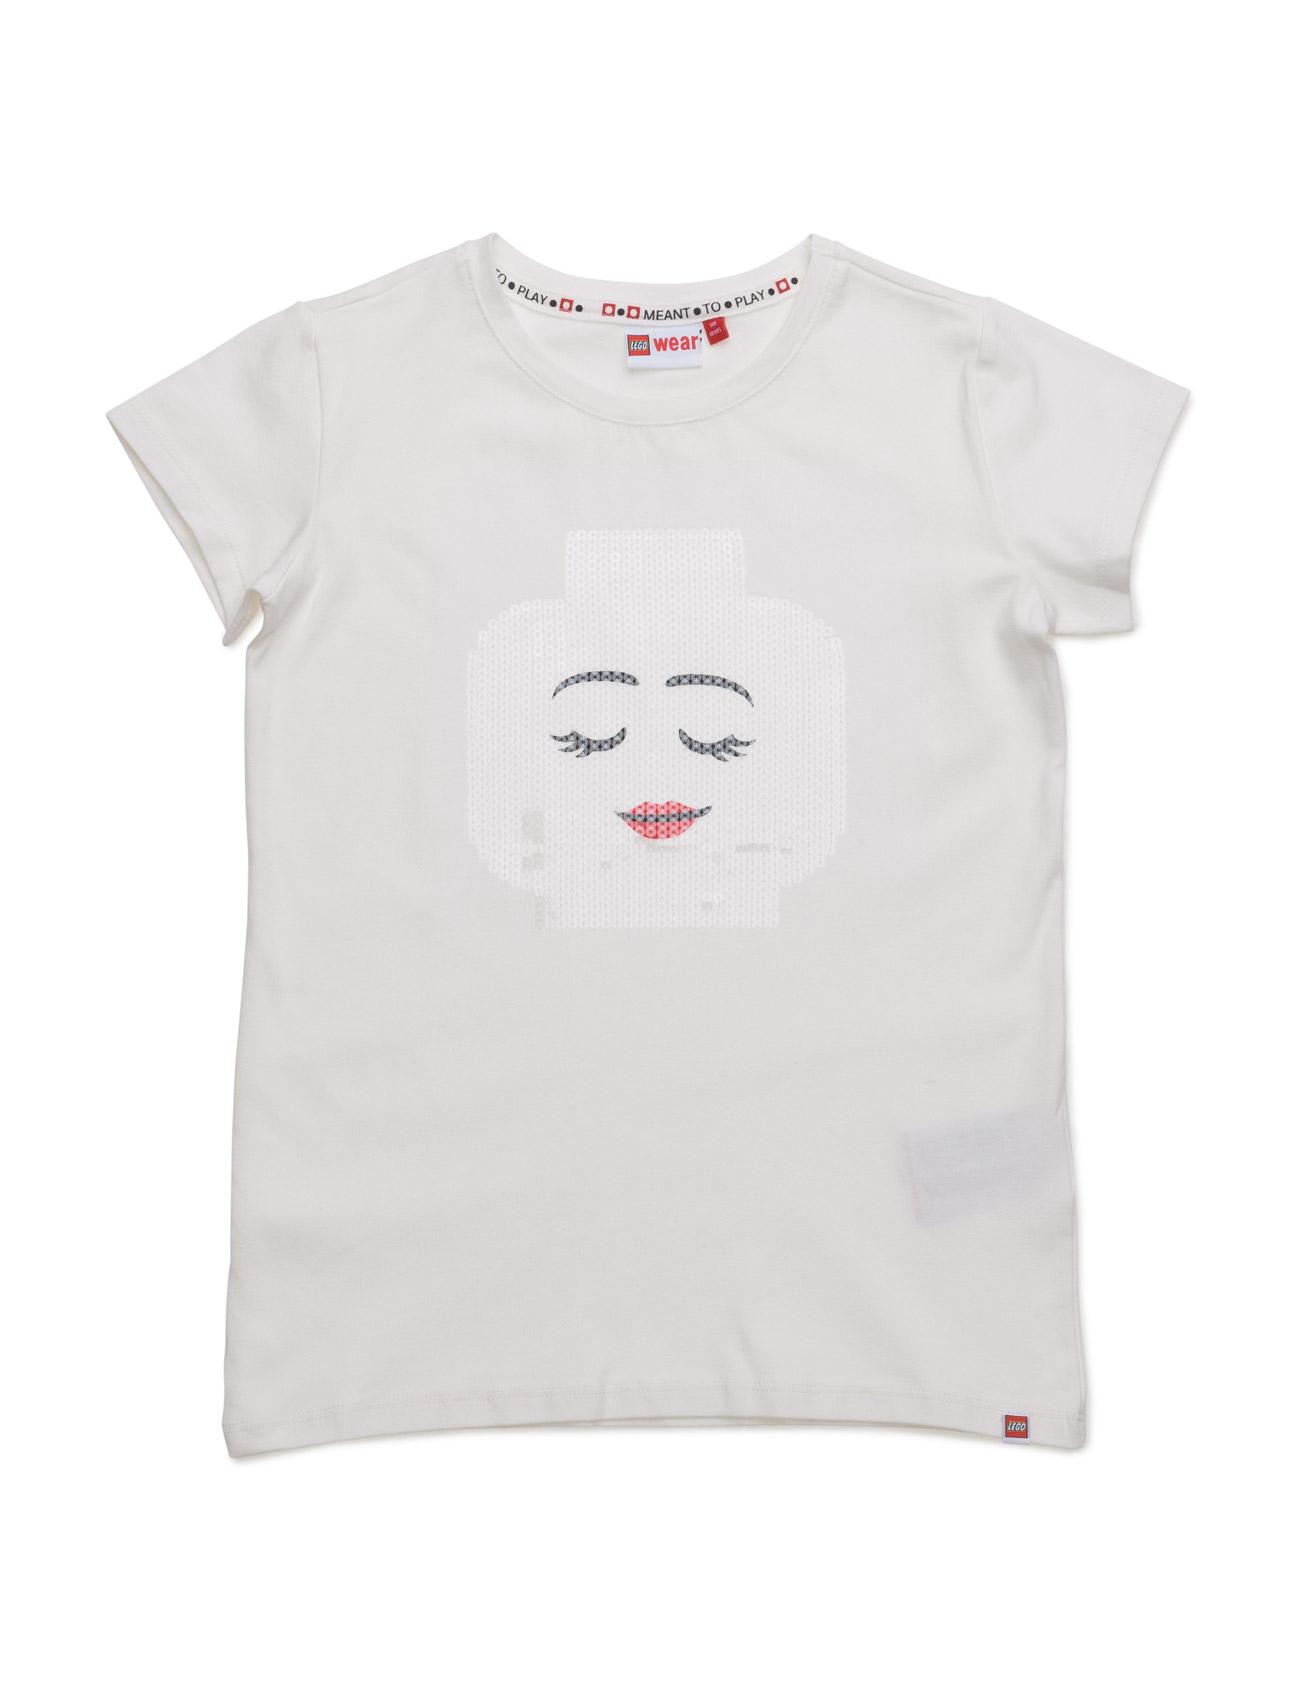 Tallys 101 - T-Shirt S/S Lego wear Kortærmede t-shirts til Børn i Off White